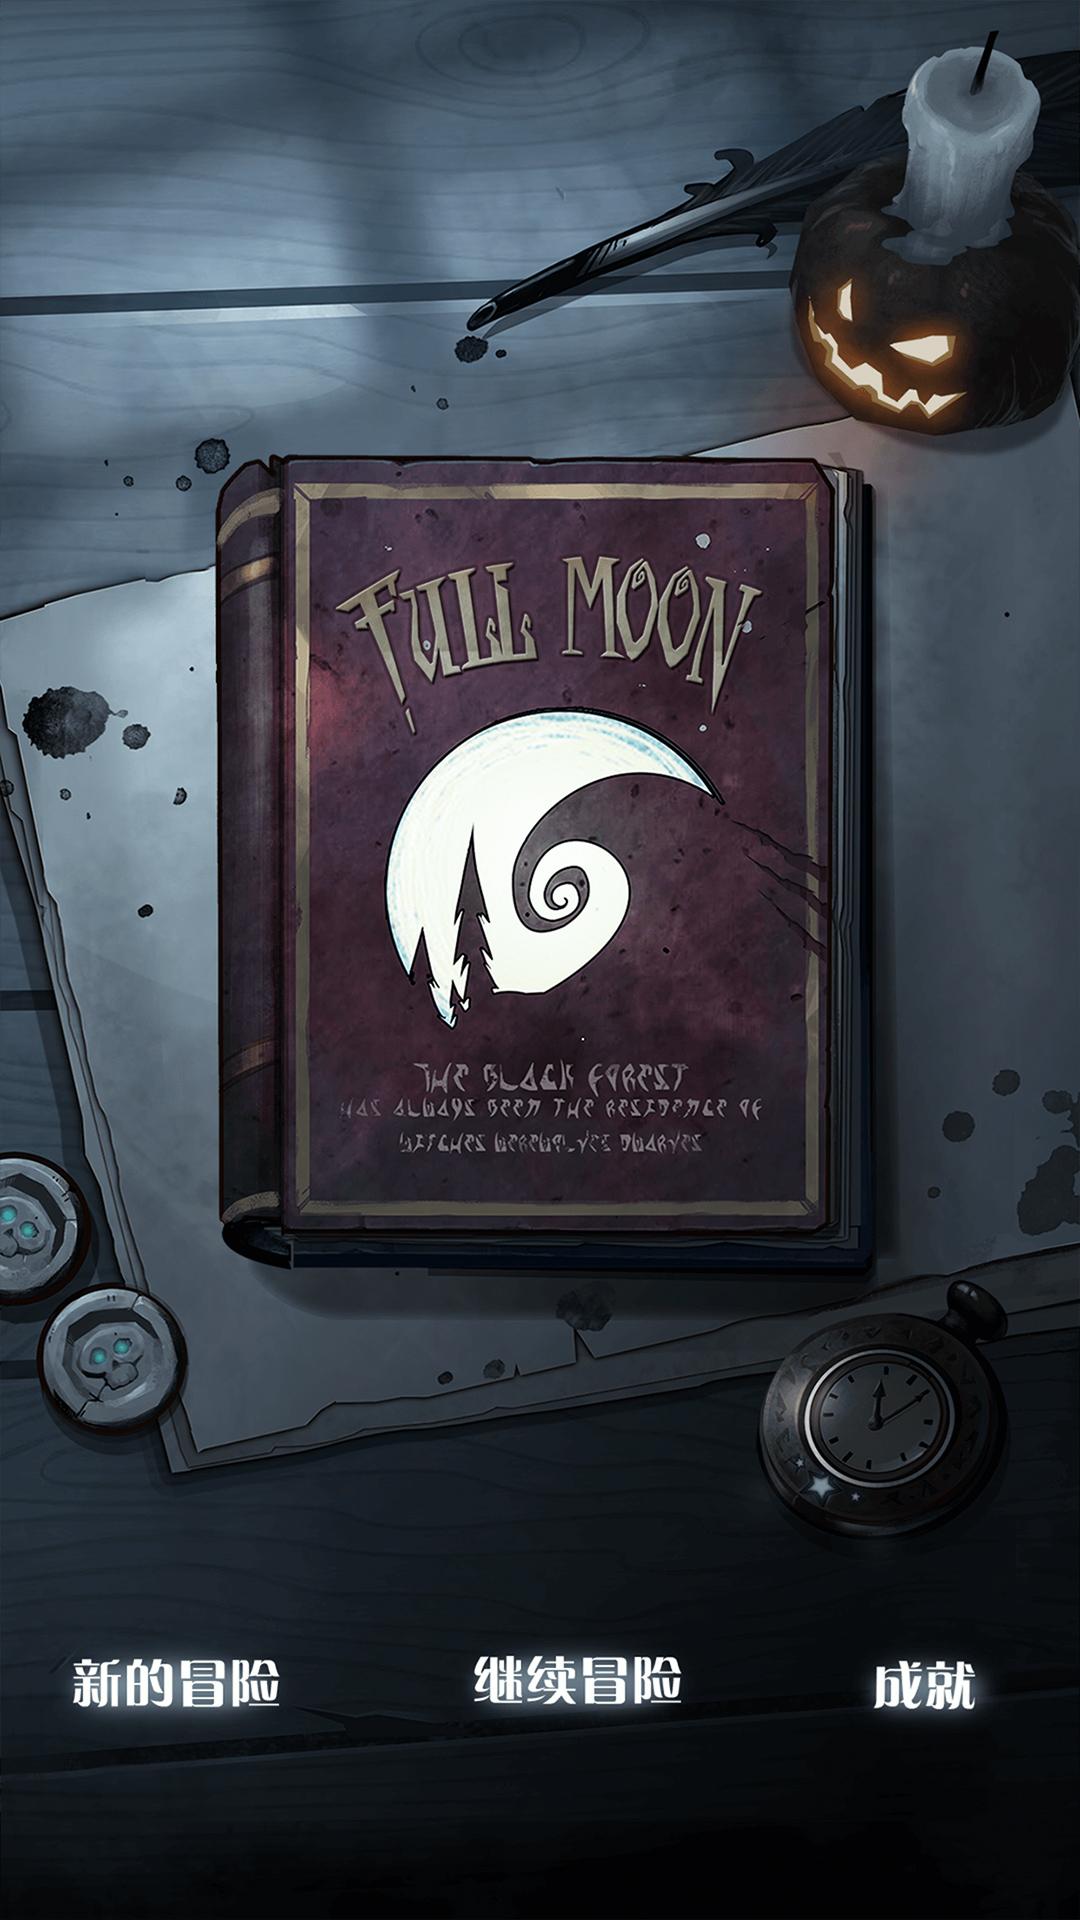 《月圆之夜》:taptap超高评分手游是否真的那么好玩